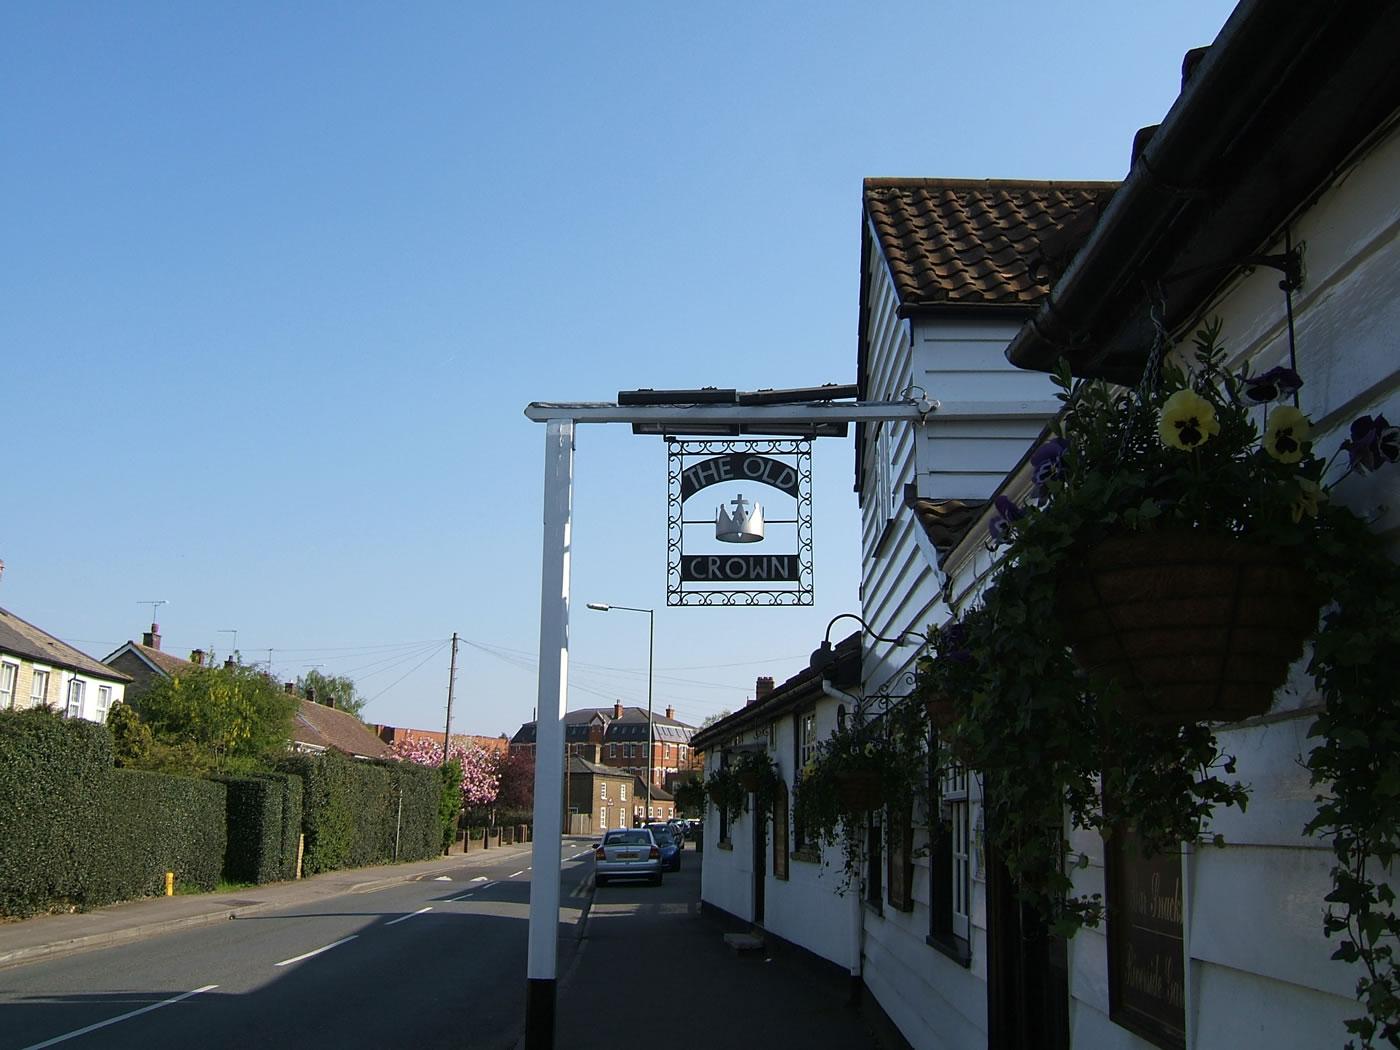 The Old Crown Pub Weybridge Surrey